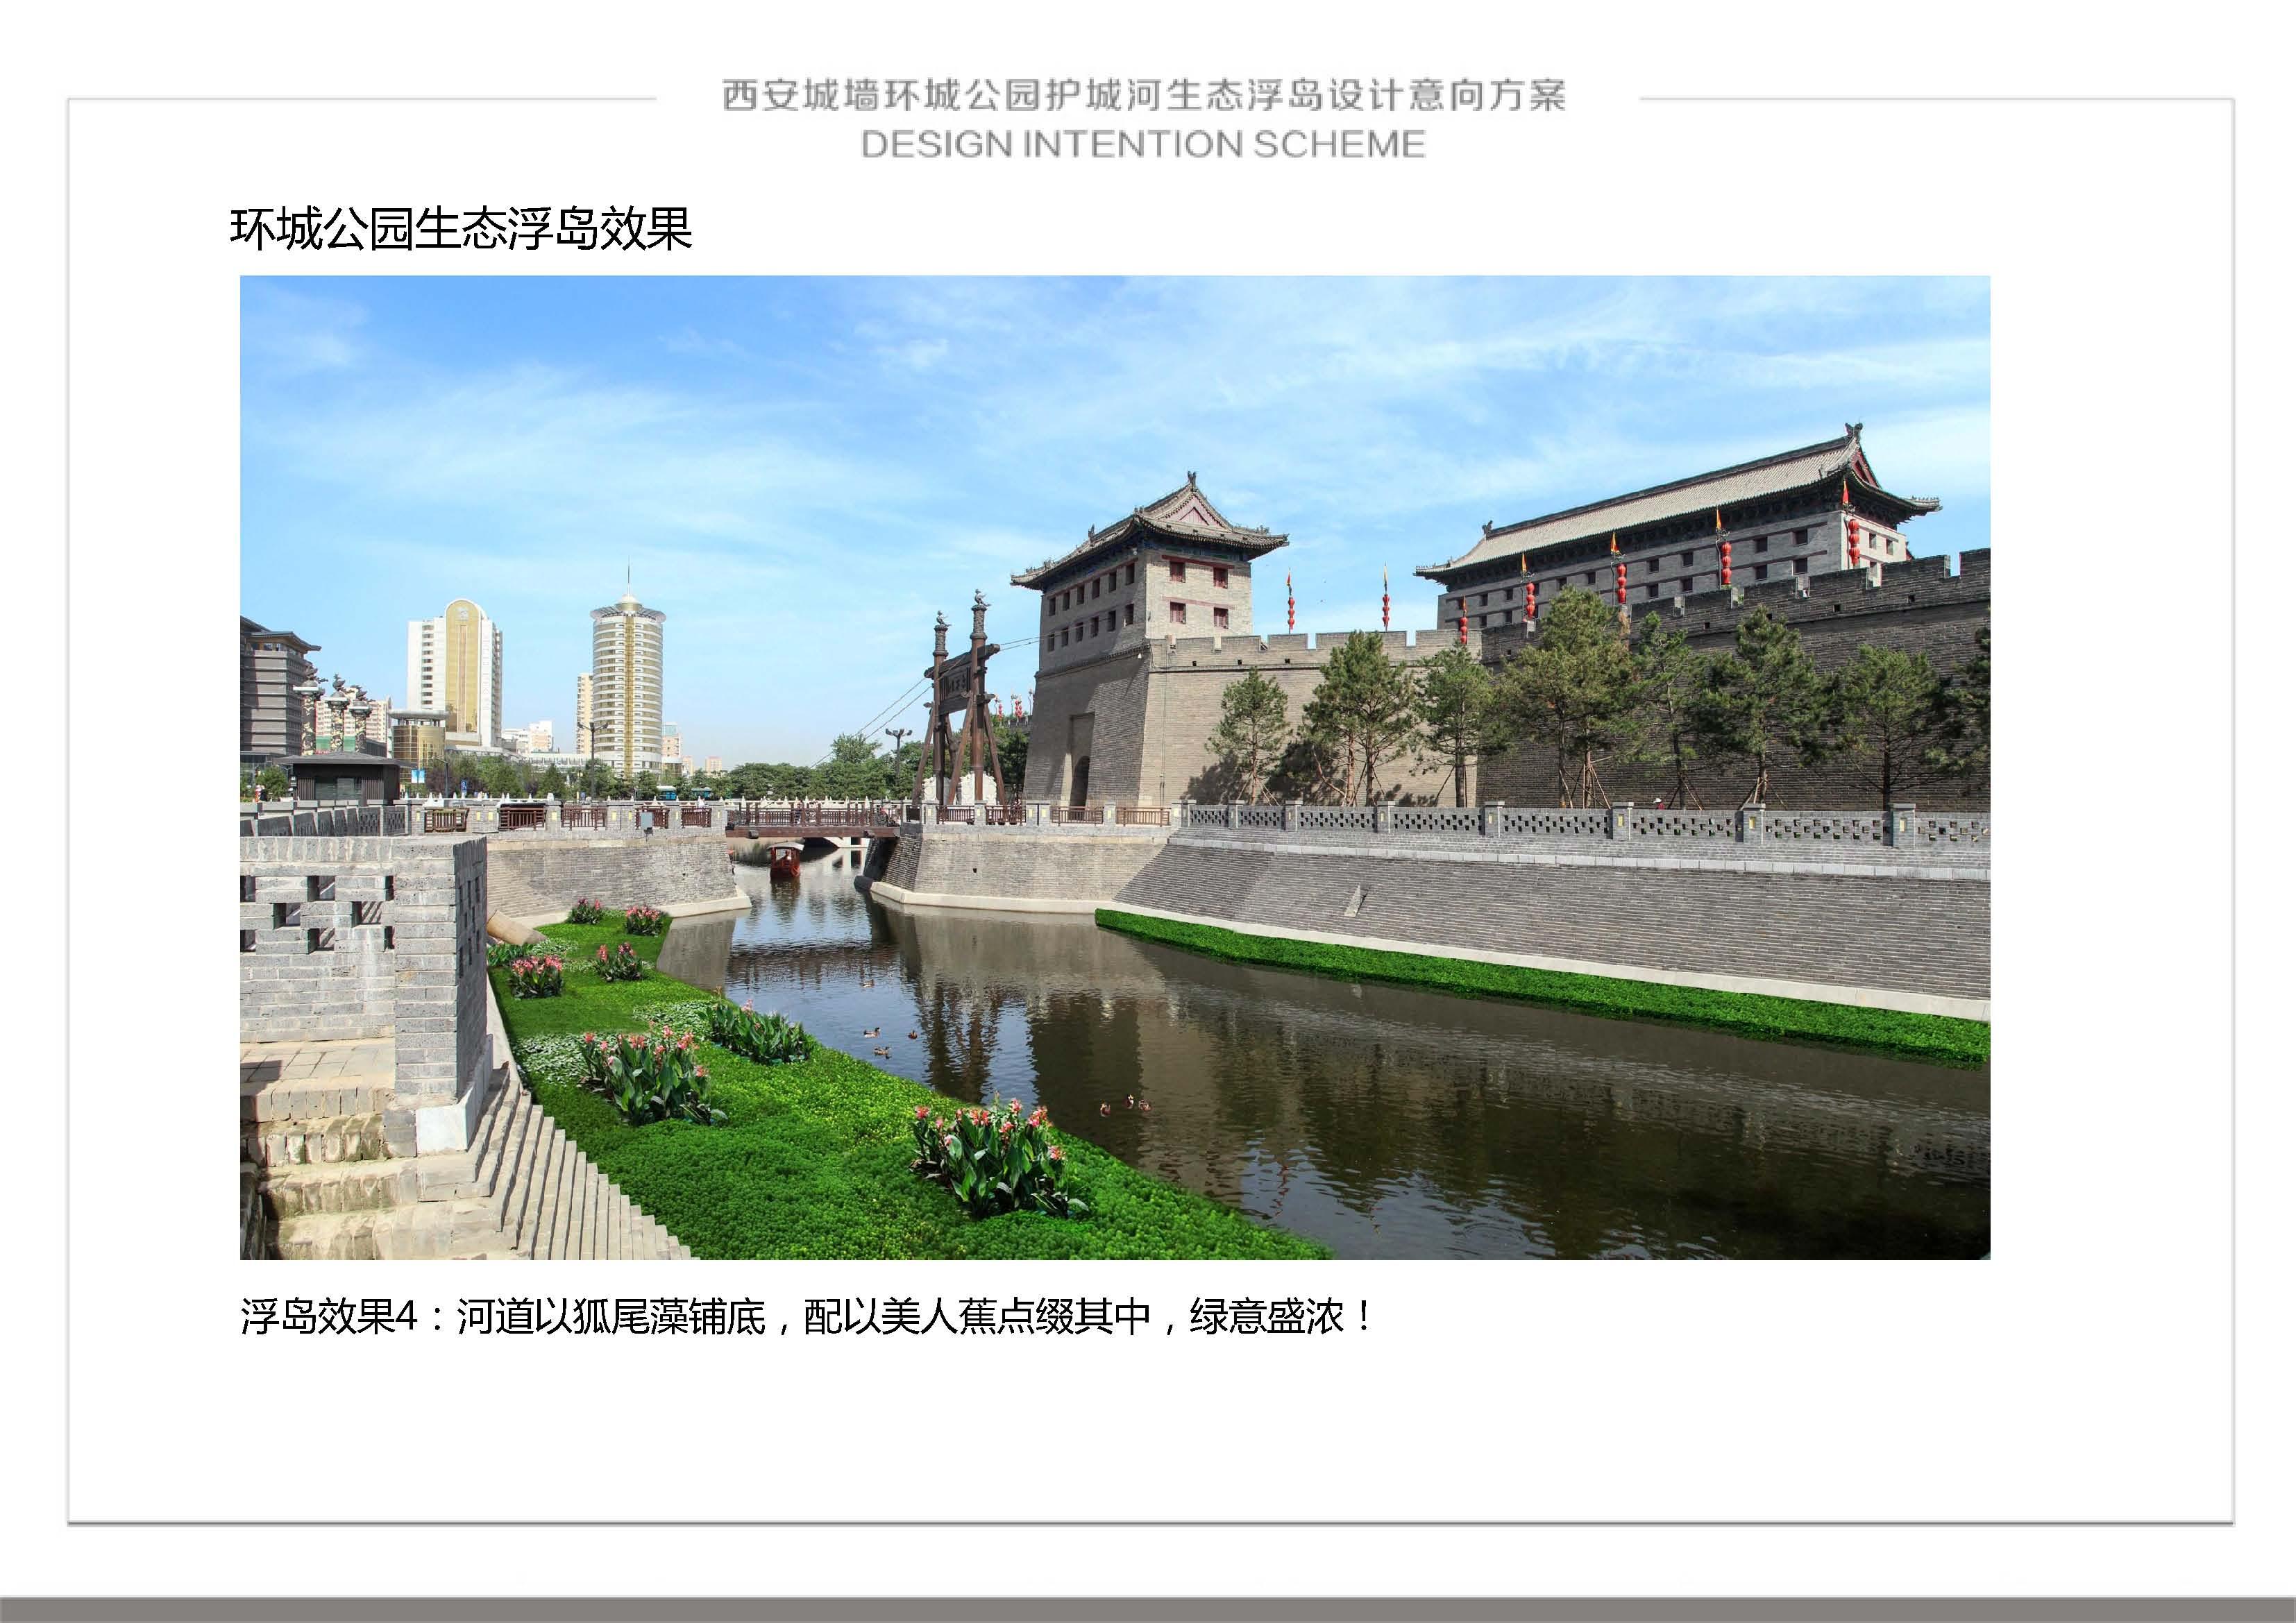 西安护城河生态浮岛意向设计方案